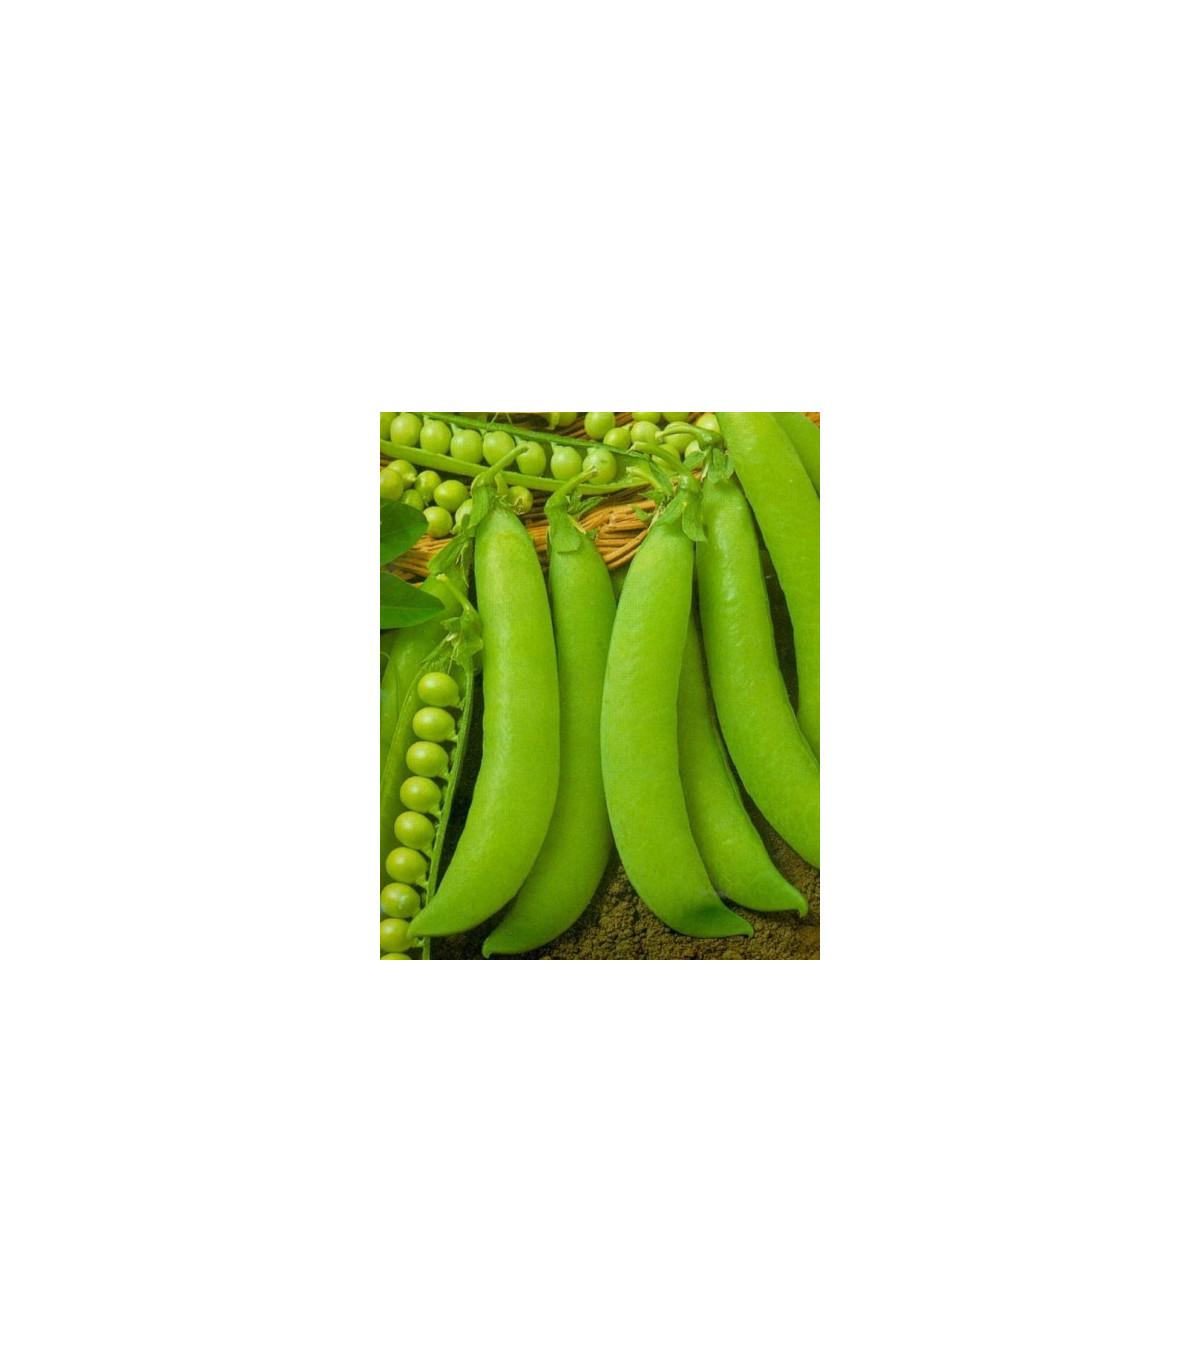 Hrach cukrový - Hendriks - Pisum sativum - semená hrachu - semiačka - 12 gr